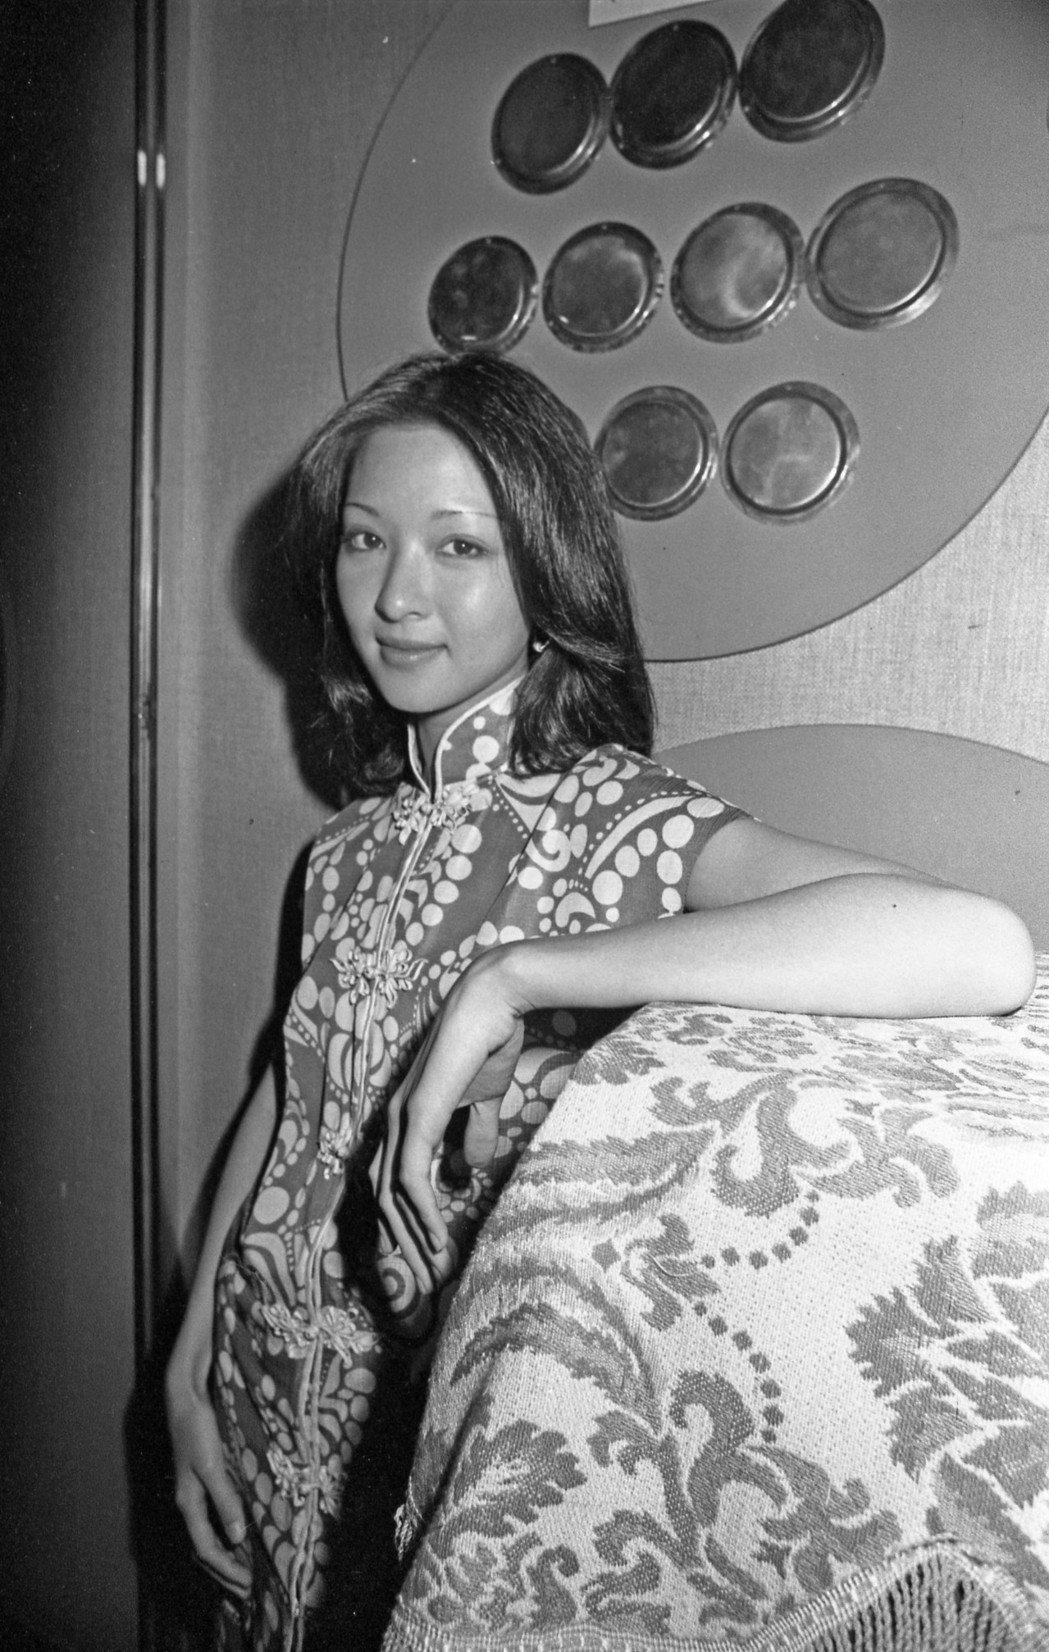 胡因夢也曾在電影處女作就當上女主角。圖/報系資料照片